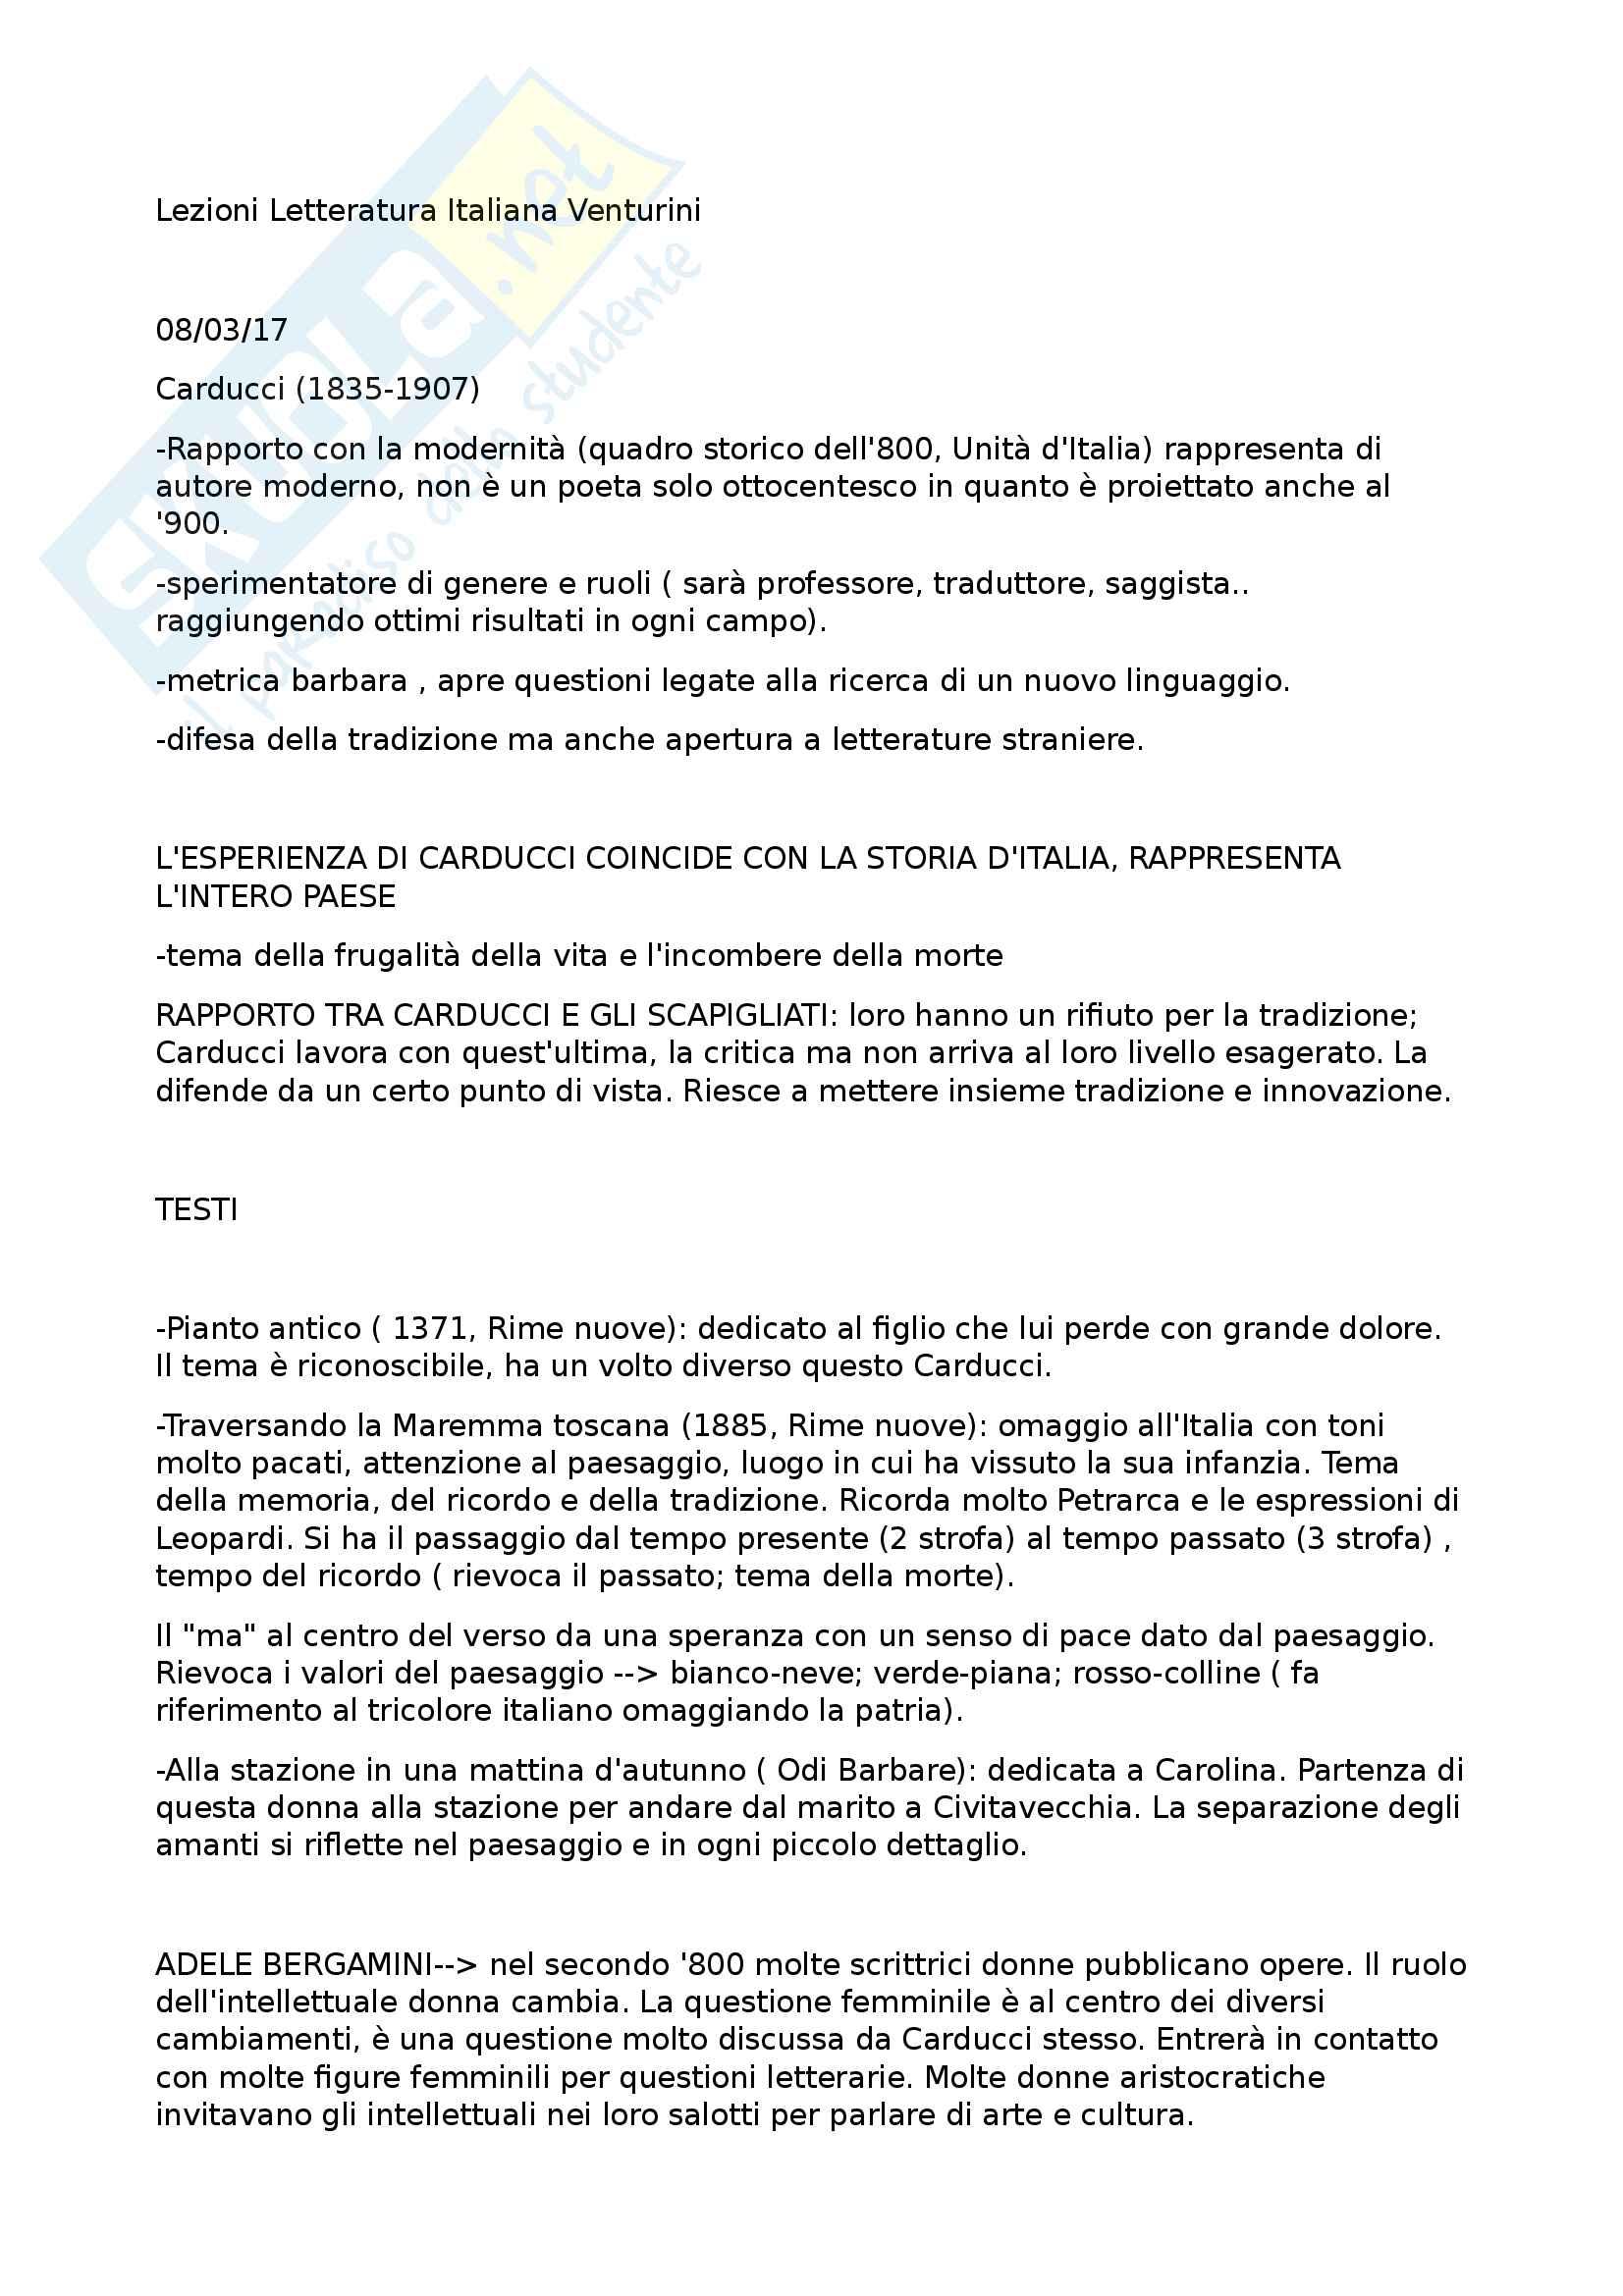 Appunti Letteratura Italiana Contemporanea prof. Venturini